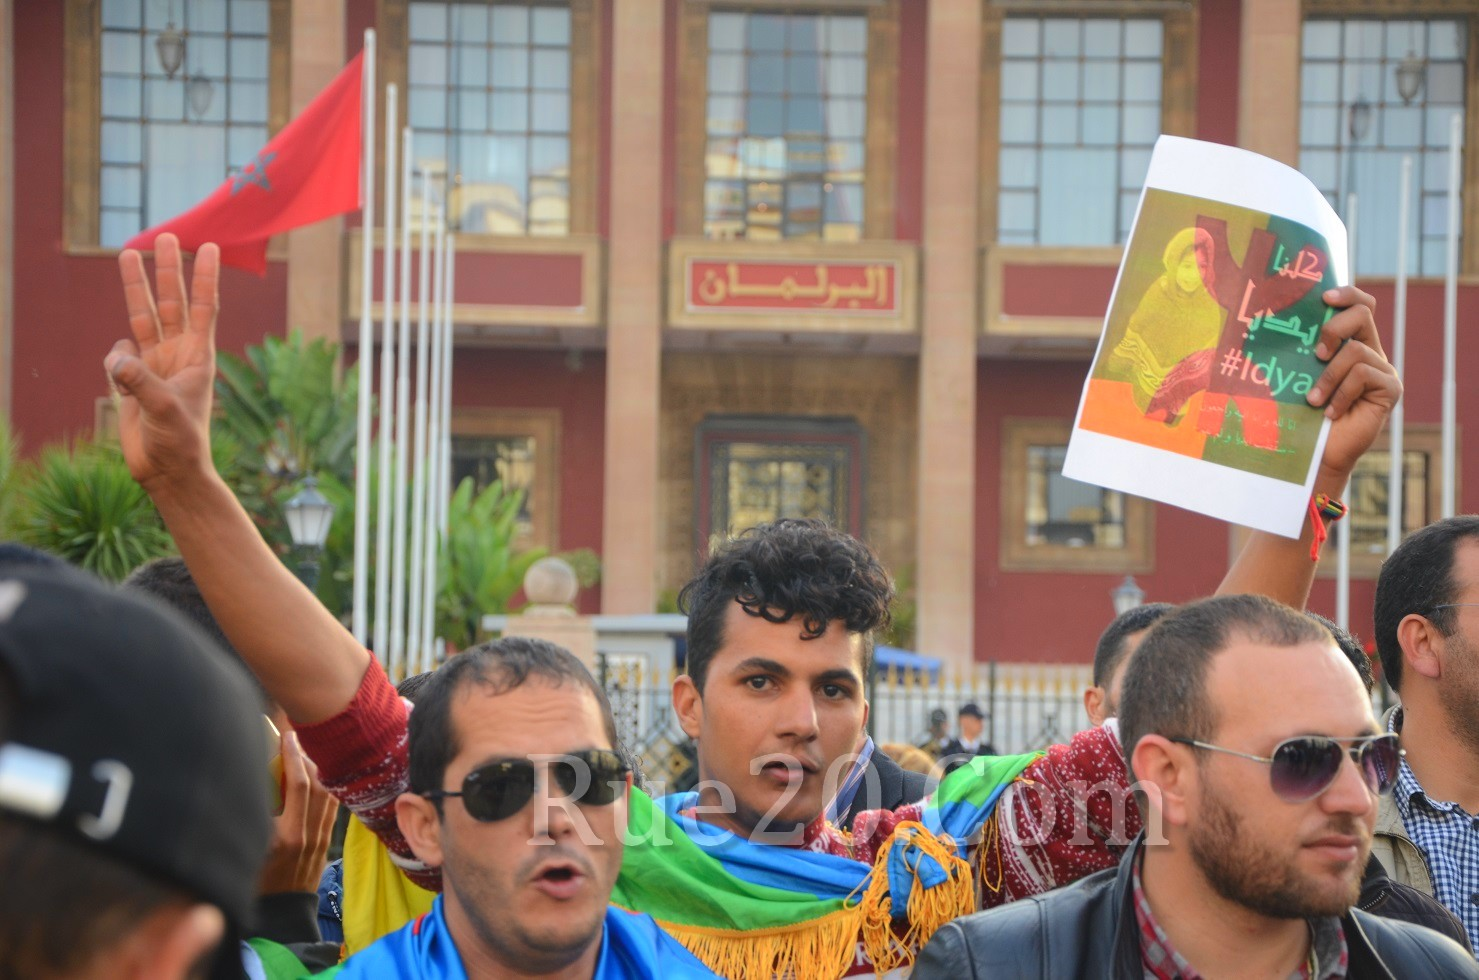 صور و فيديو | 'إيديا' تخرج عشرات الغاضبين للإحتجاج أمام البرلمان للمطالبة بإنقاذ 'المغرب العميق'